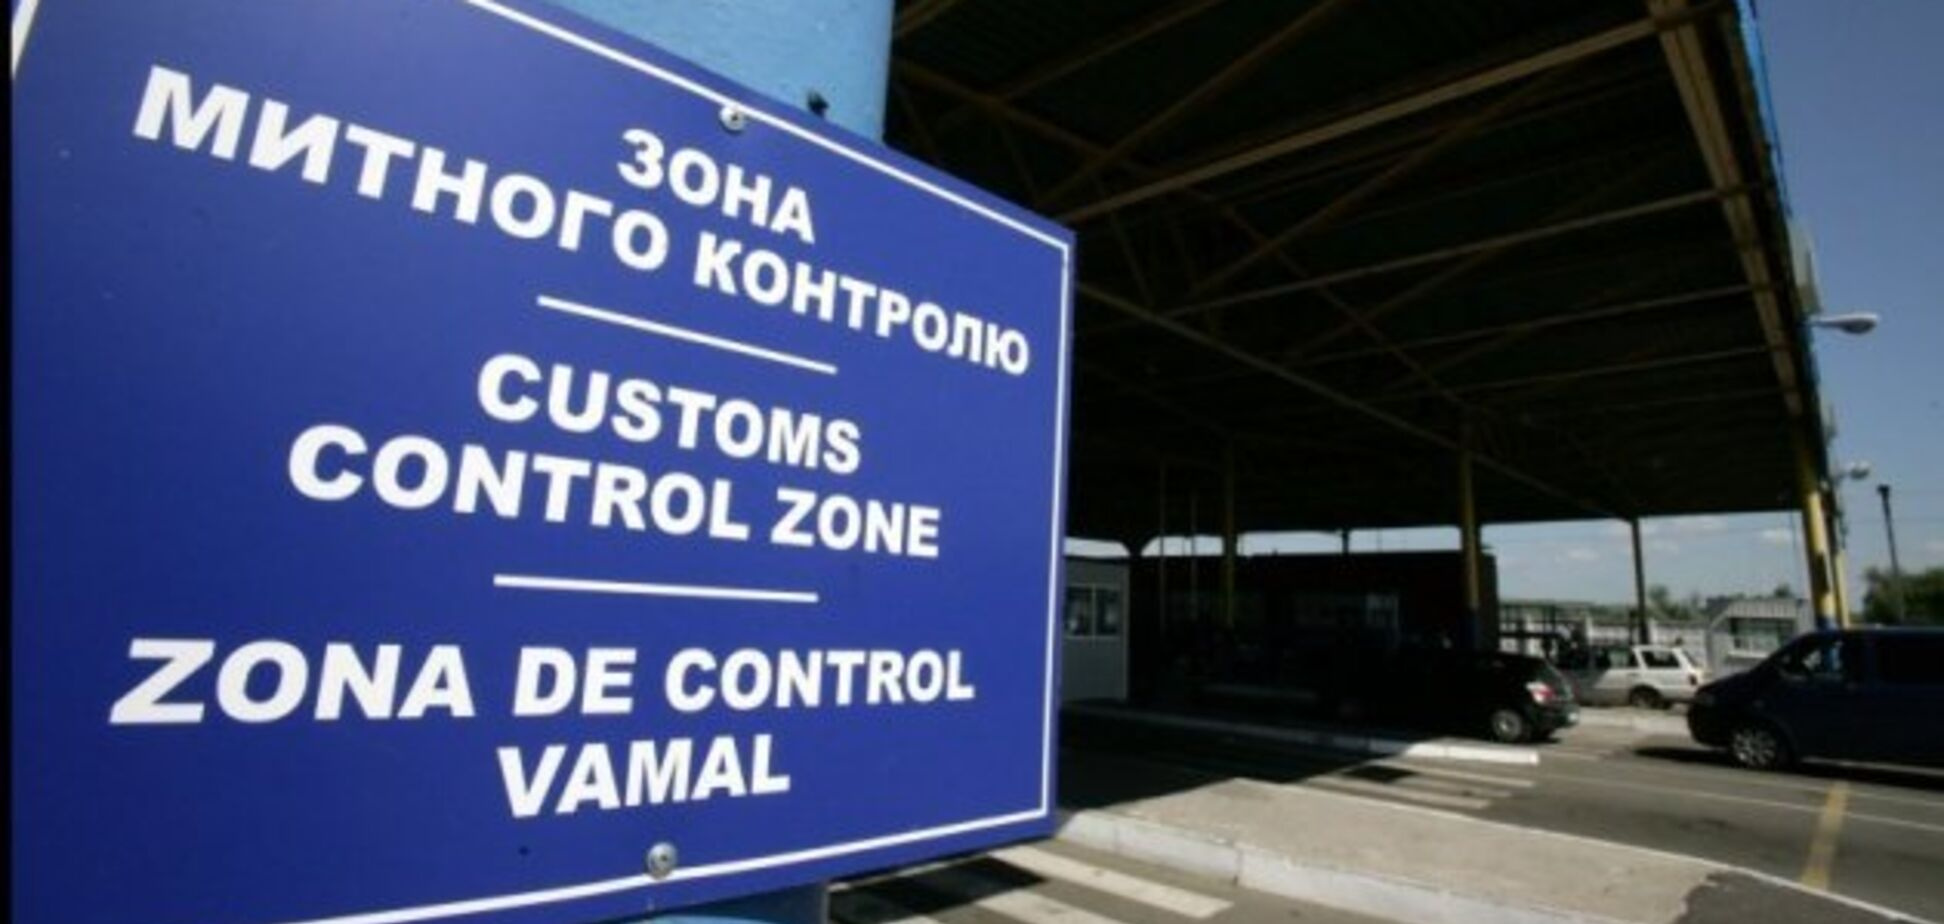 Борги з повернення ПДВ перевищили 20 млрд грн: бізнес вимагає у Кабміну пояснень